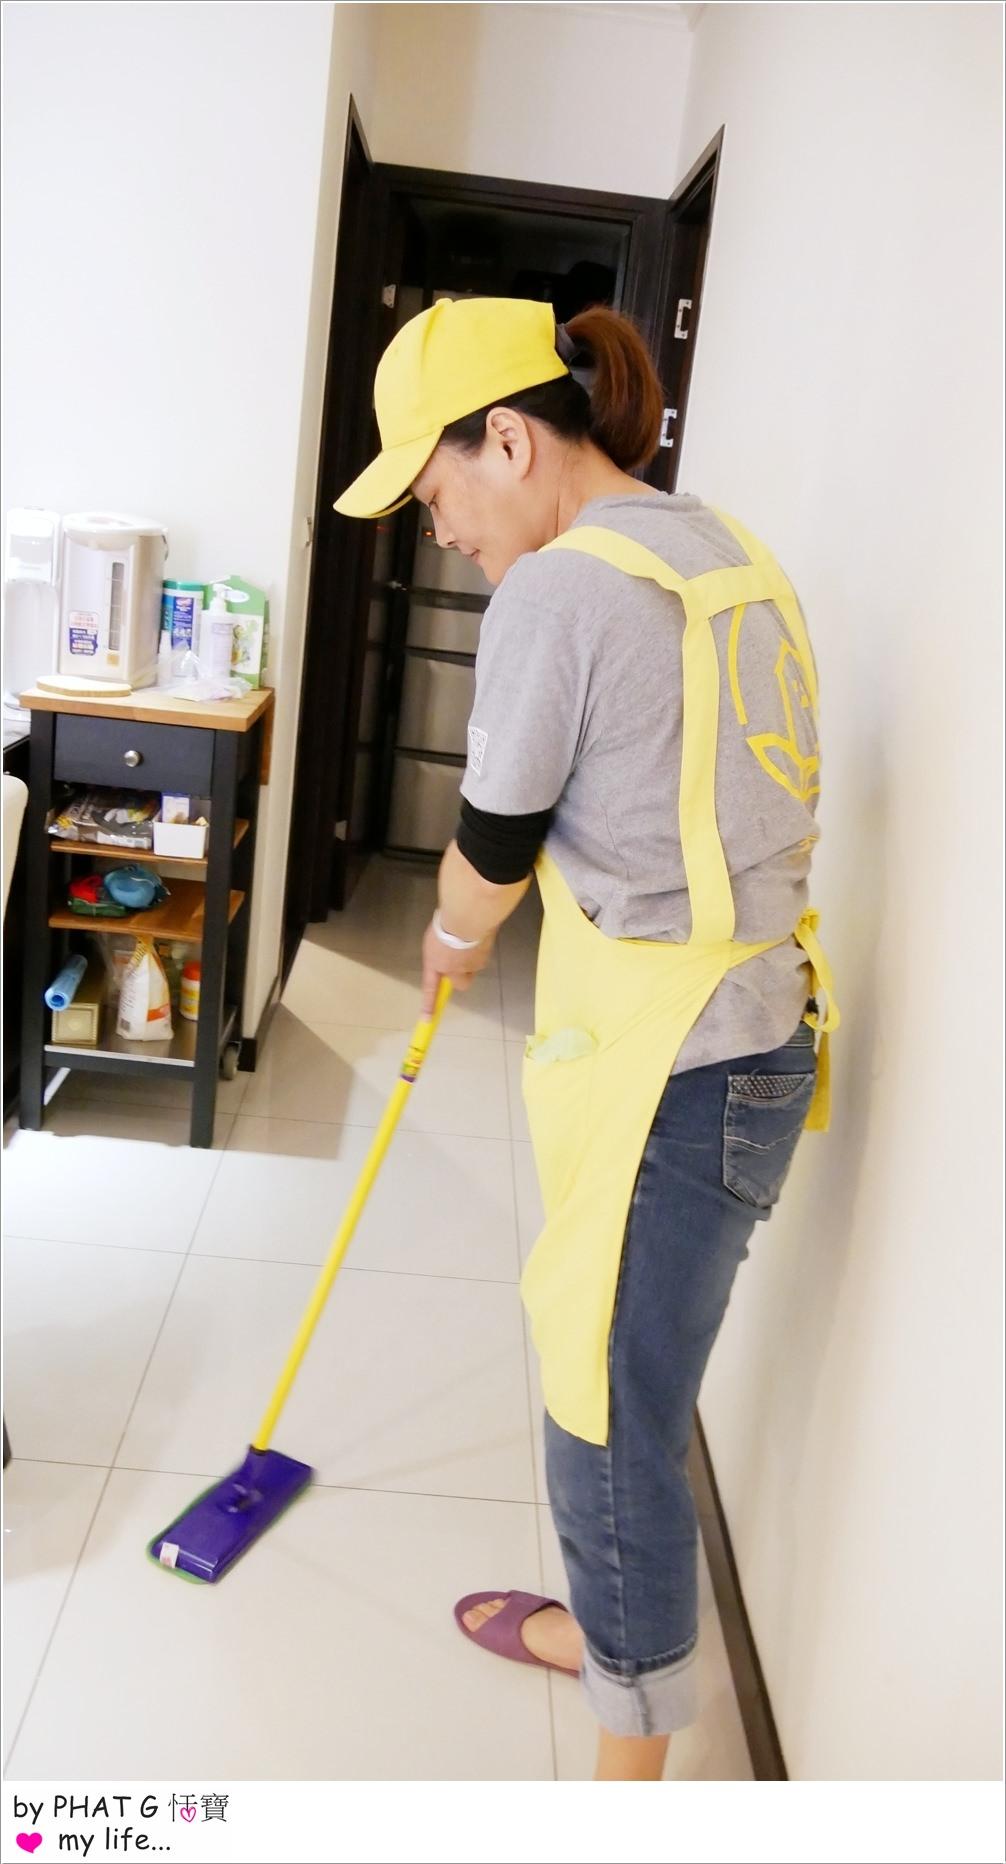 【 居家清潔】家有家政富 乾乾淨淨沒煩腦 @ PHAT G ♥恬寶♥ 私密日記 :: 痞客邦